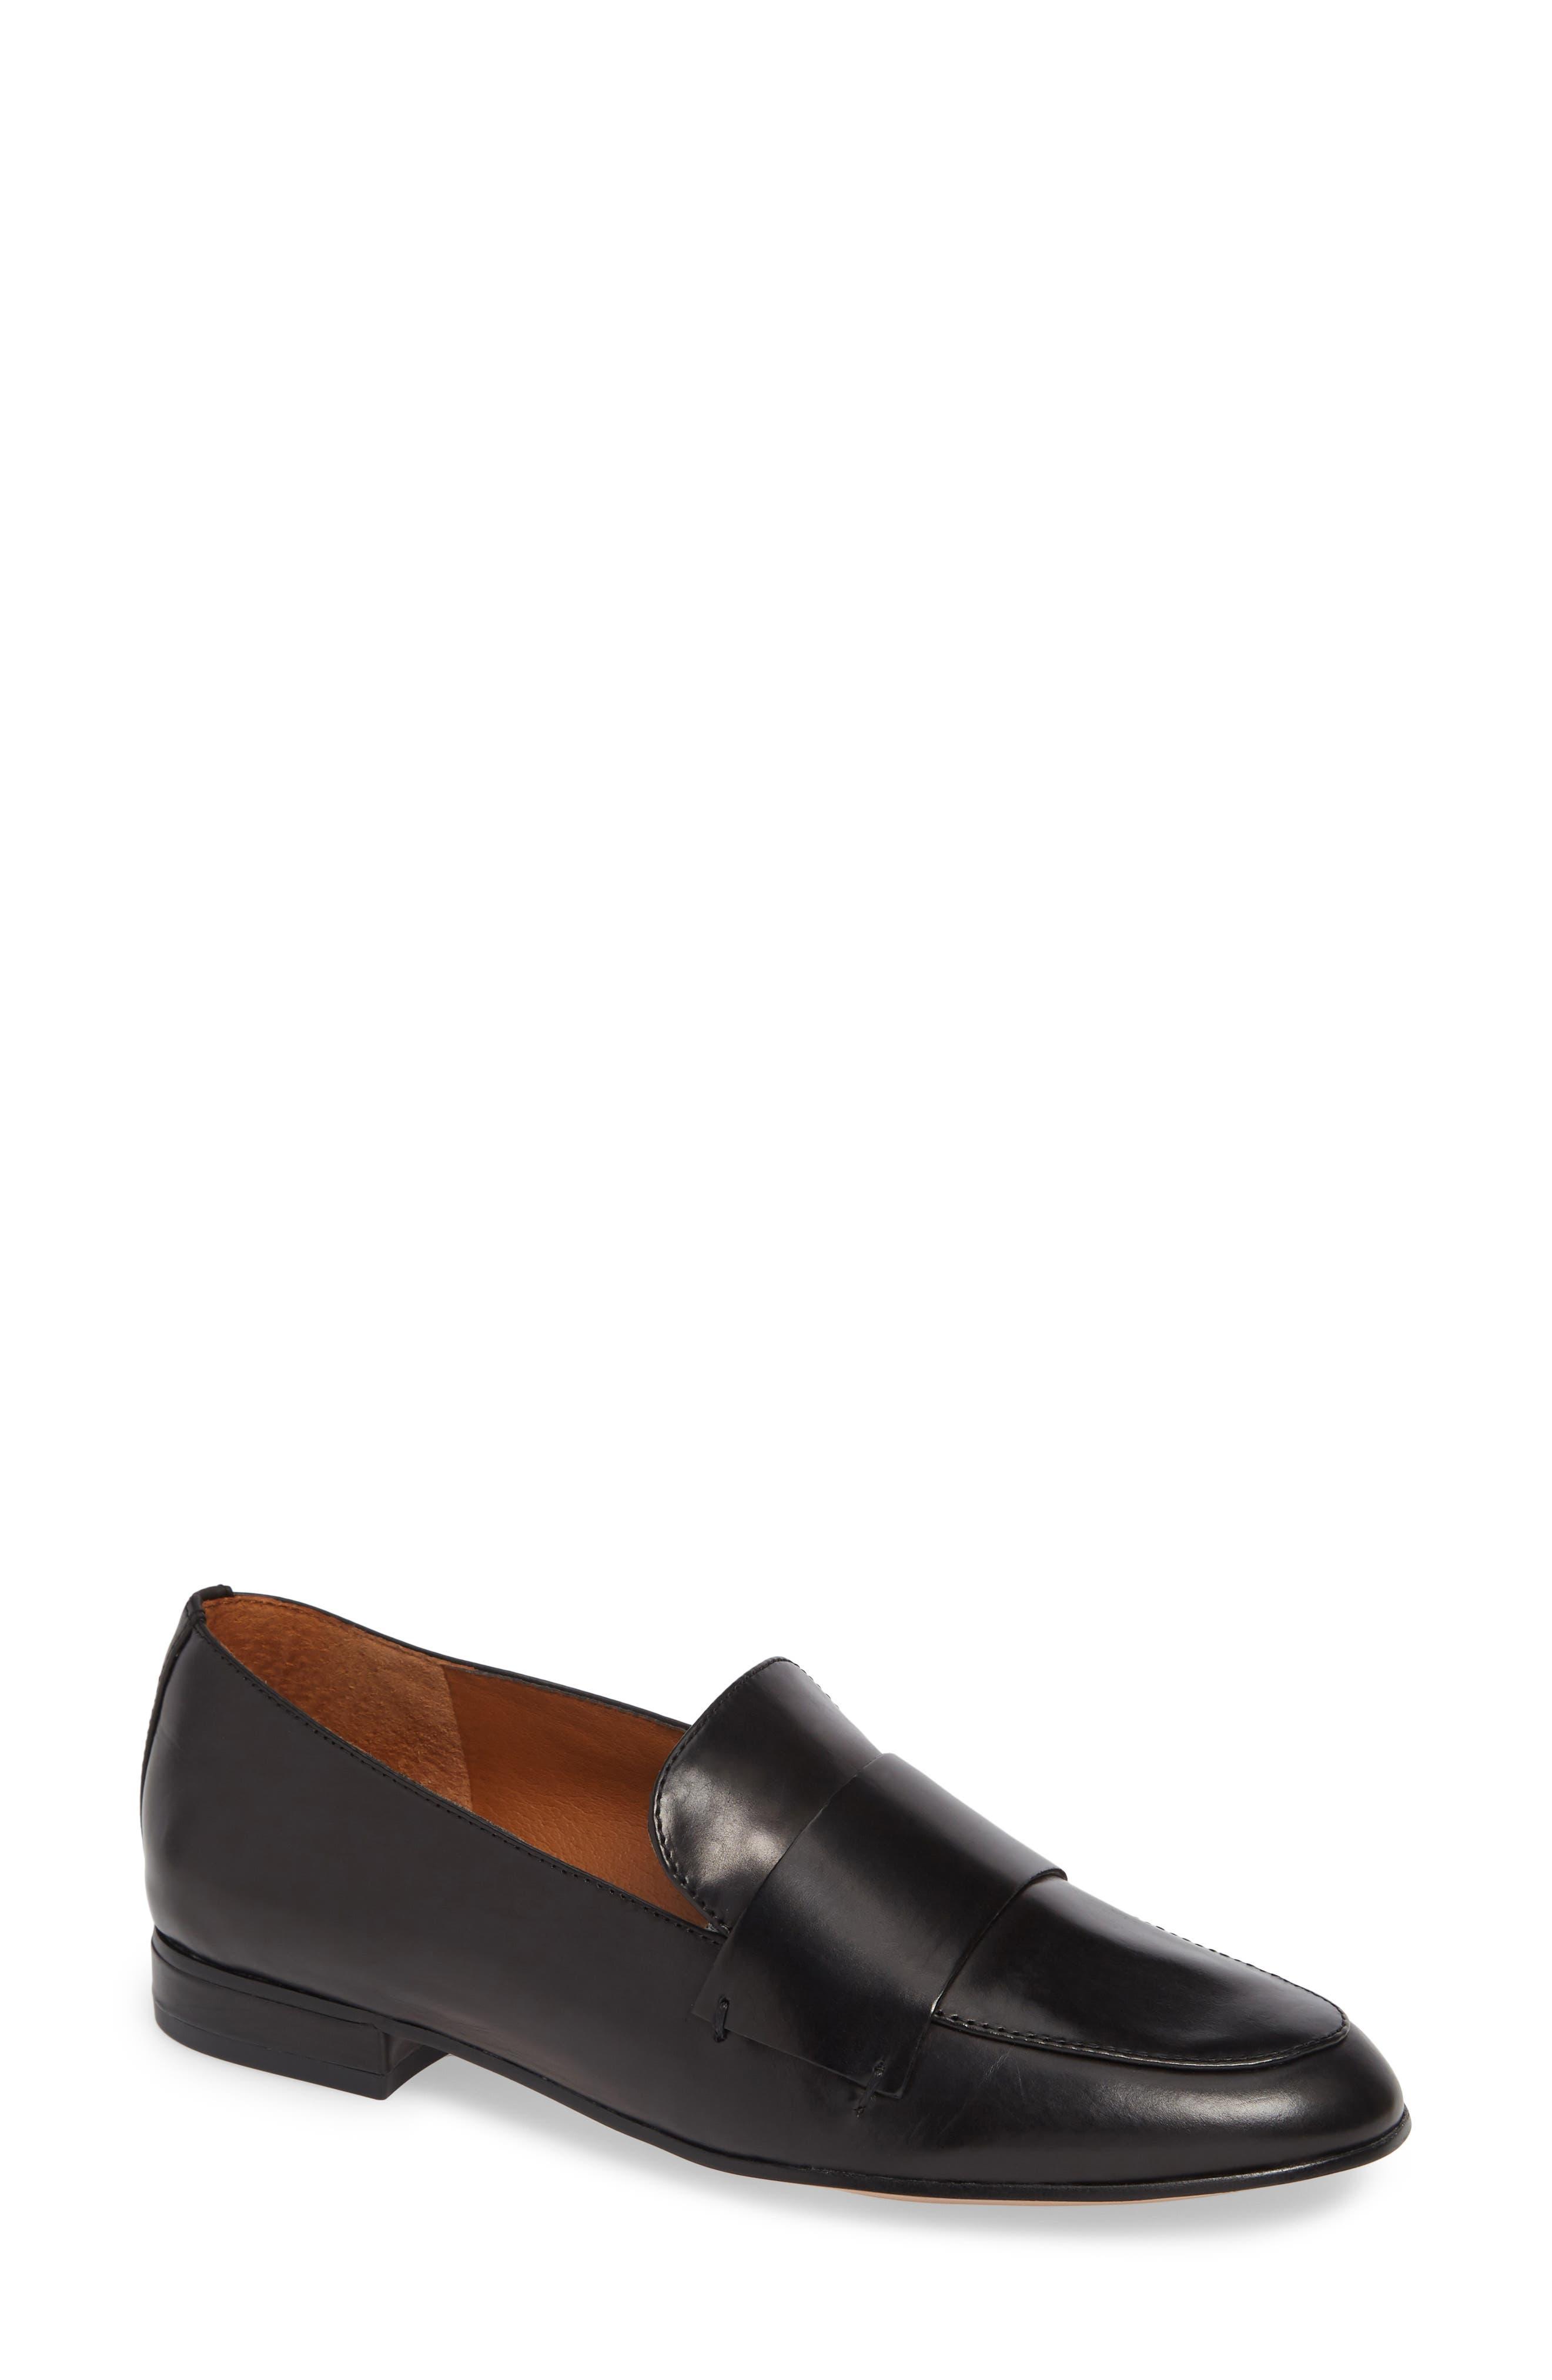 Kip Loafer,                         Main,                         color, BLACK LEATHER